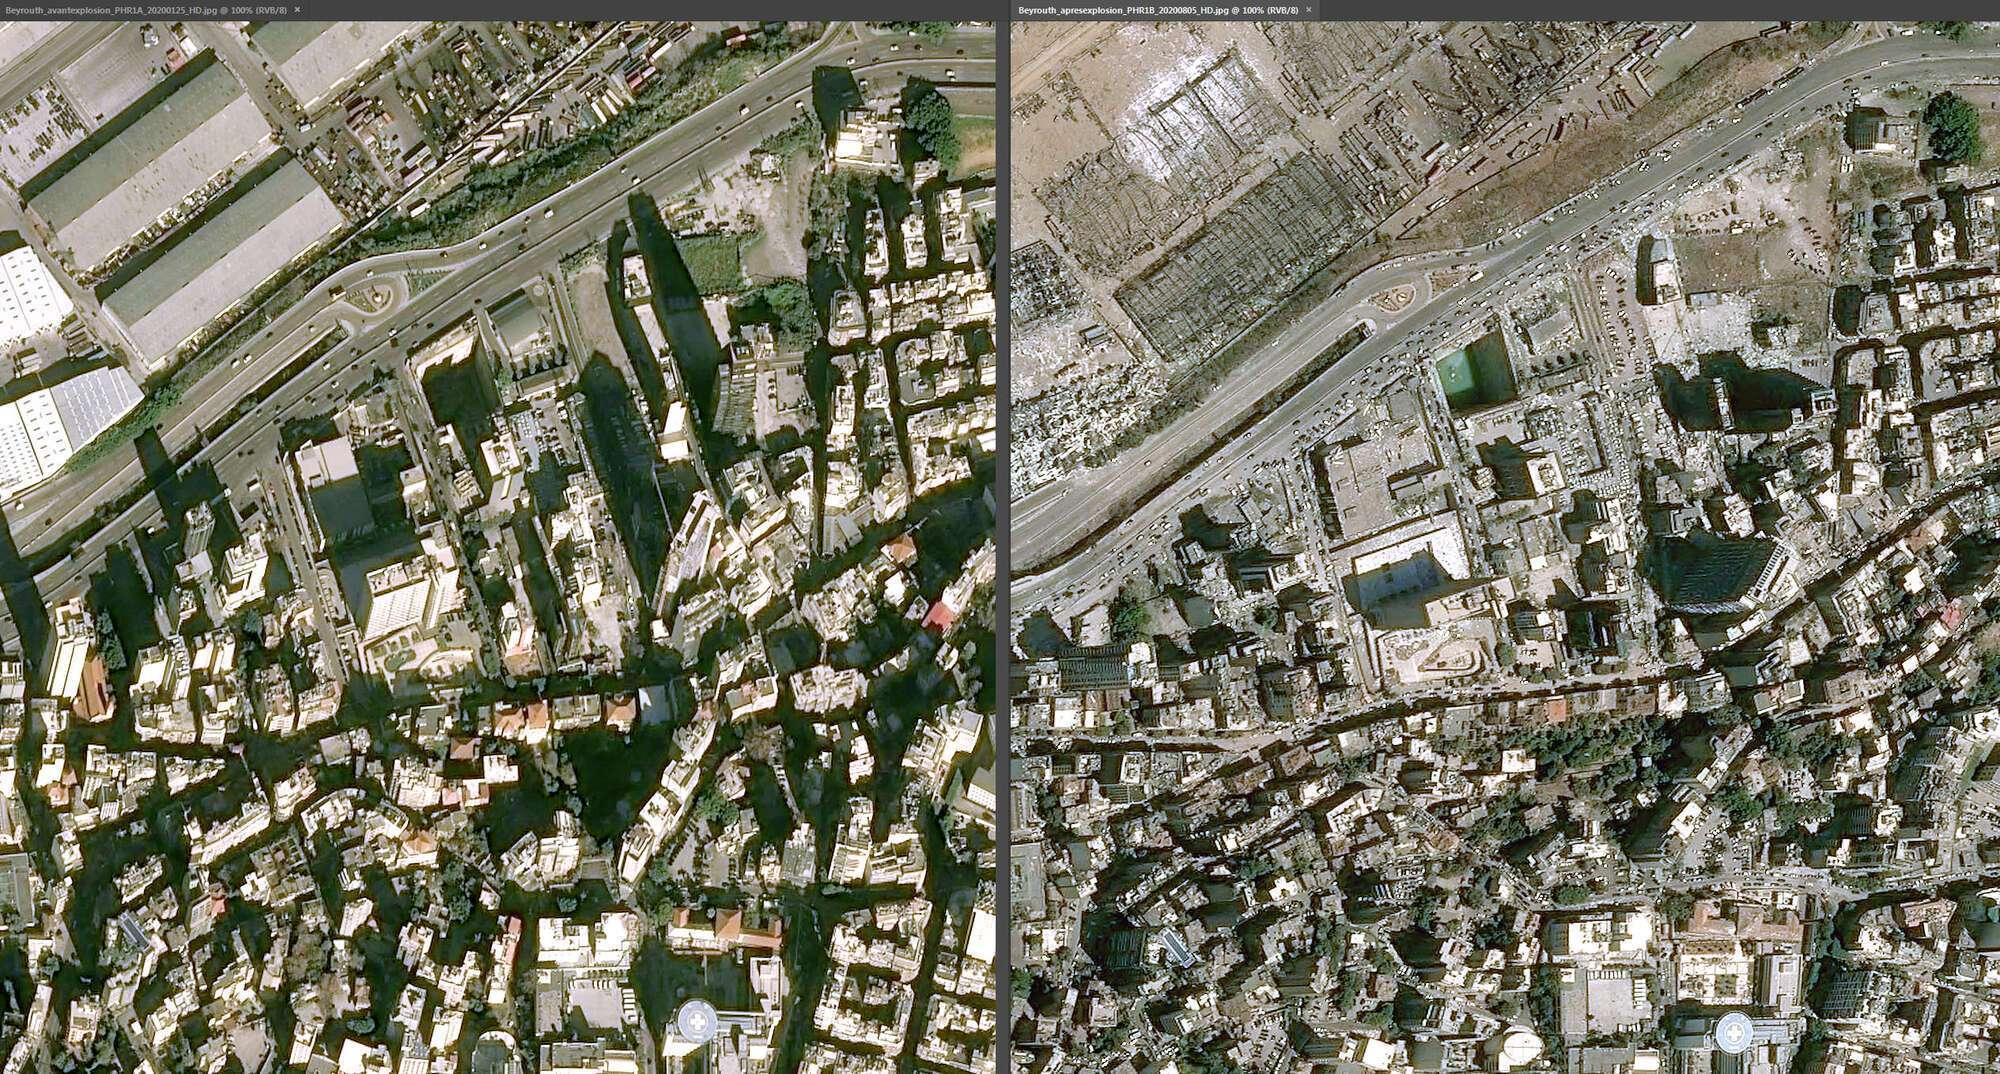 фото со спутника ул железнодорожная г обнинск локтевого